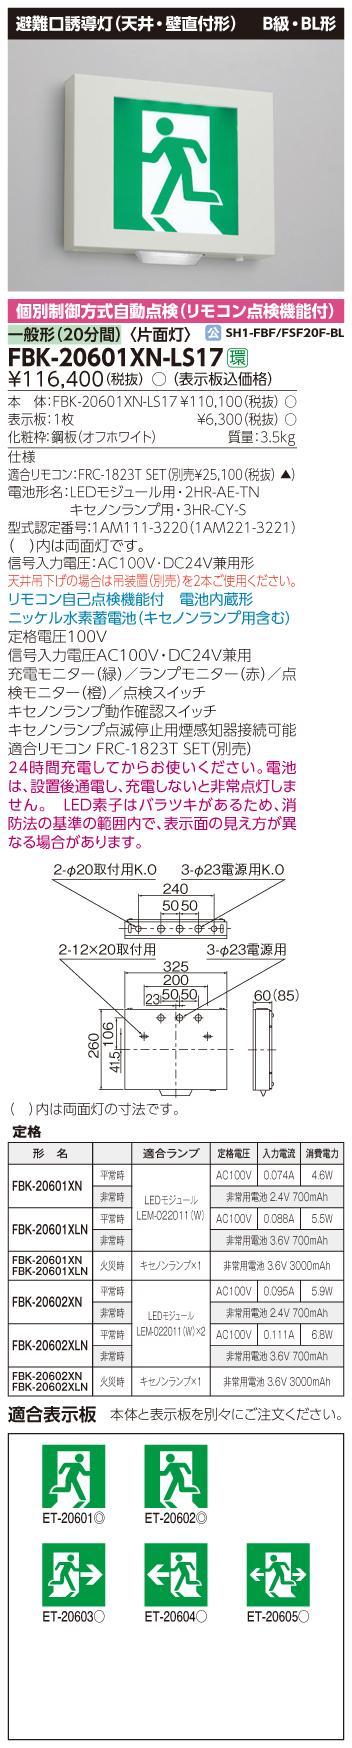 【法人様限定】東芝 FBK-20601XN-LS17 LED誘導灯 天井・壁直付形 天井吊下形 点滅形 電池内蔵 片面 B級BL形 一般形 【表示板別売】